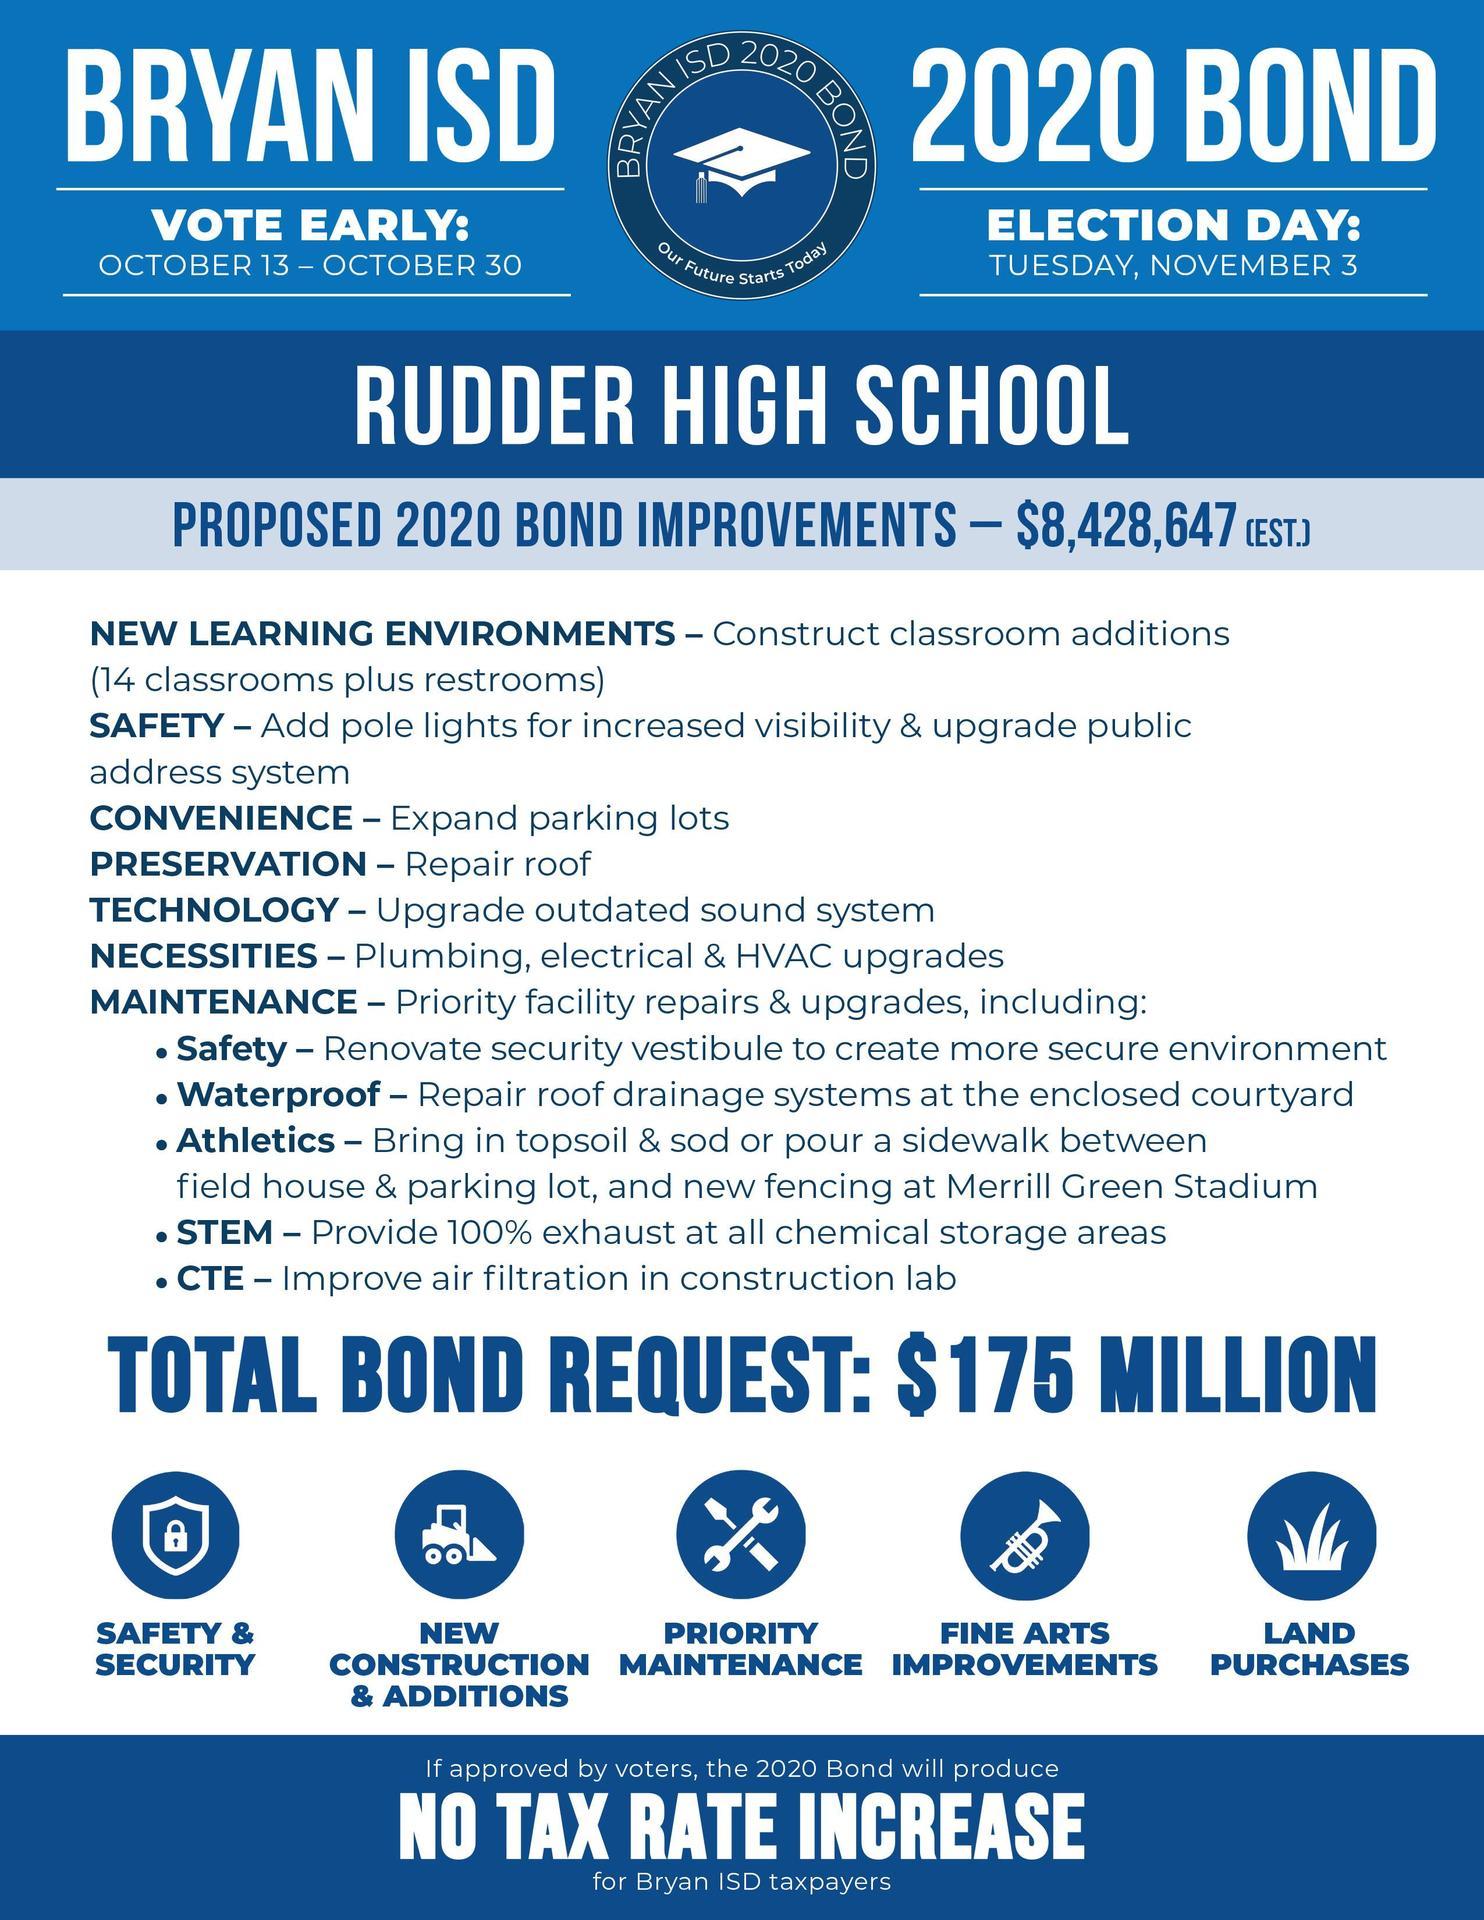 Rudder High School Bond Information